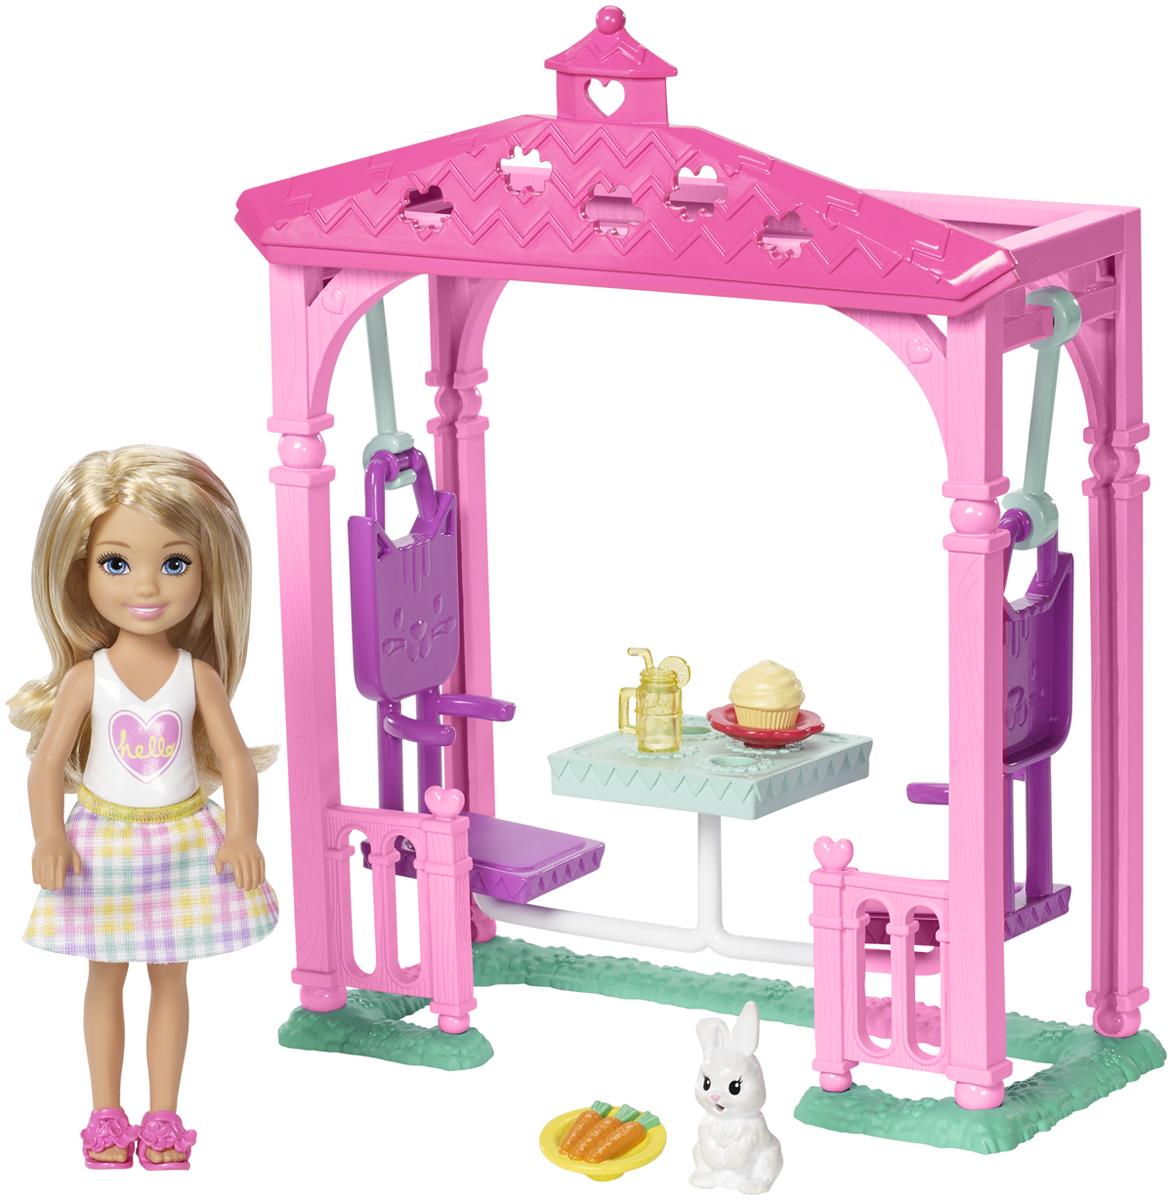 Barbie Игровой набор с куклой Челси и набор мебели спортивные игровые наборы hudora спортивный игровой набор